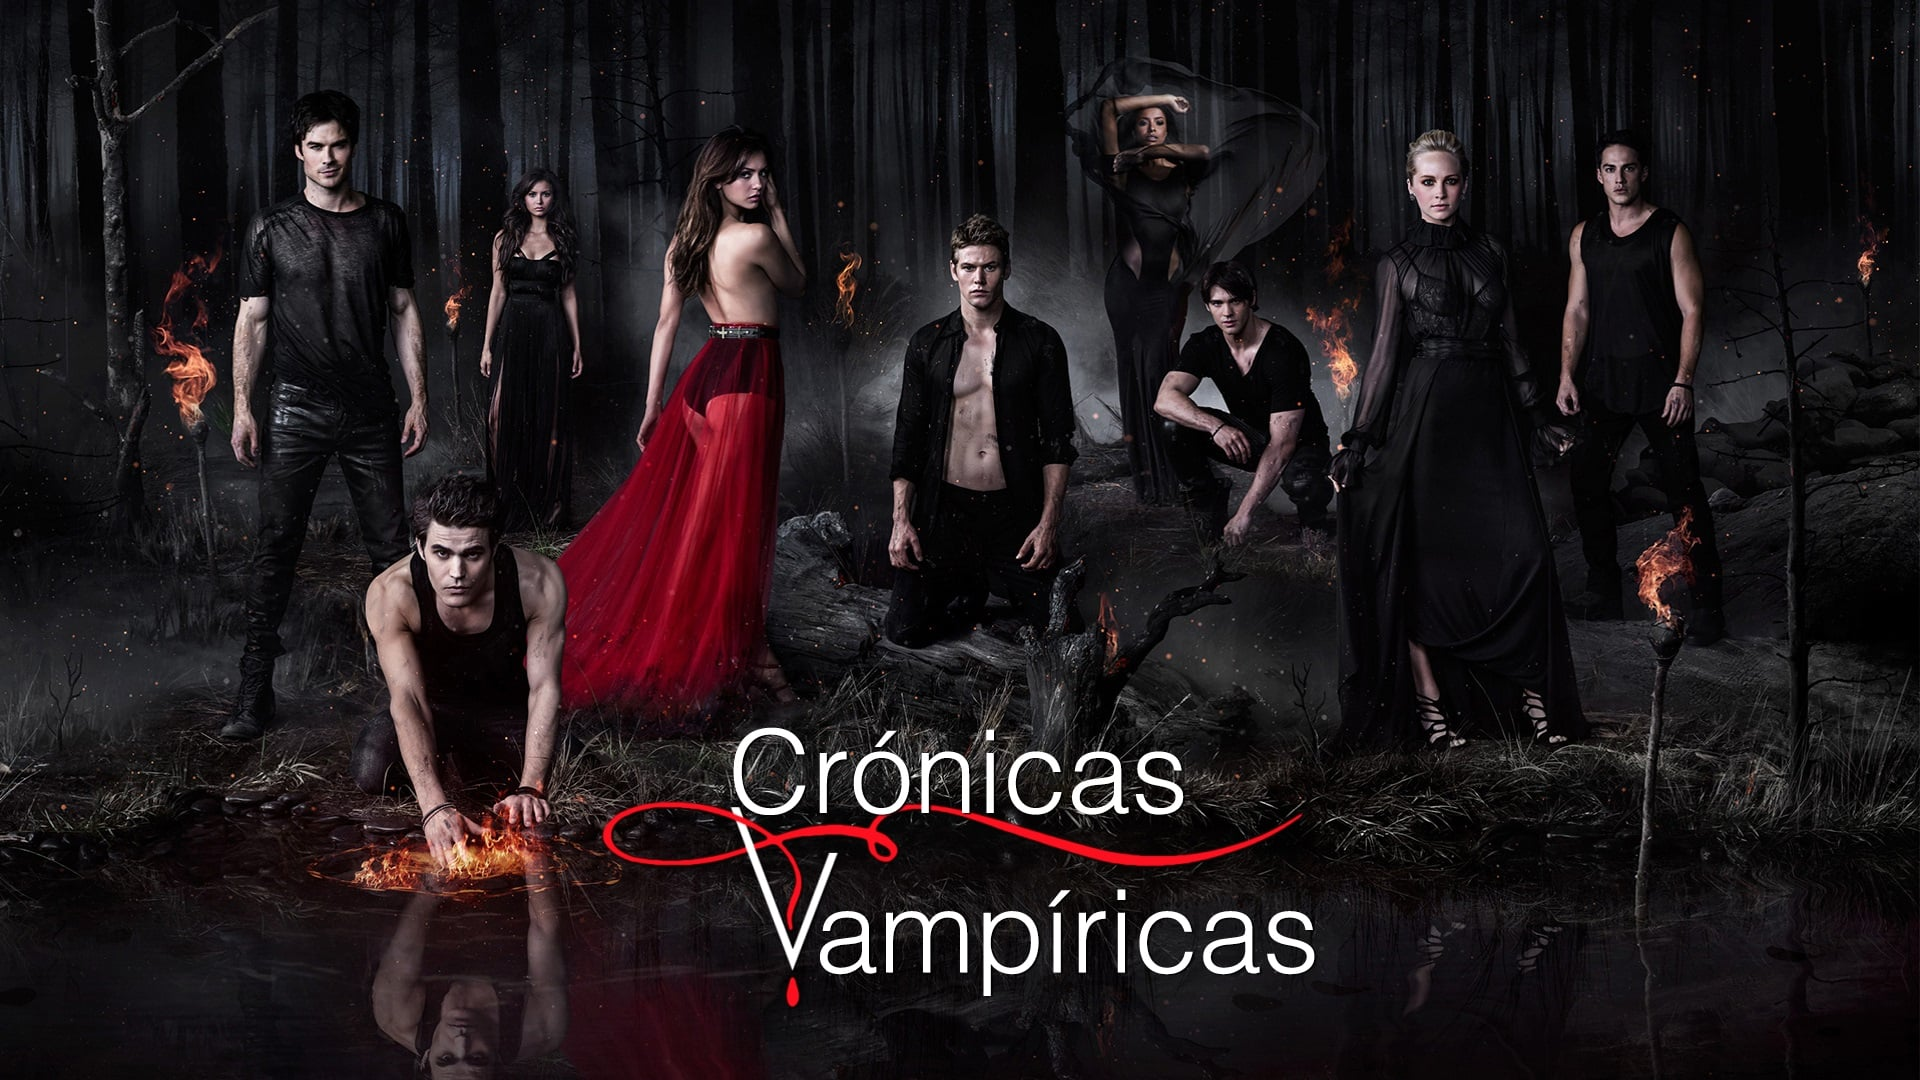 Crónicas vampíricas (1970)